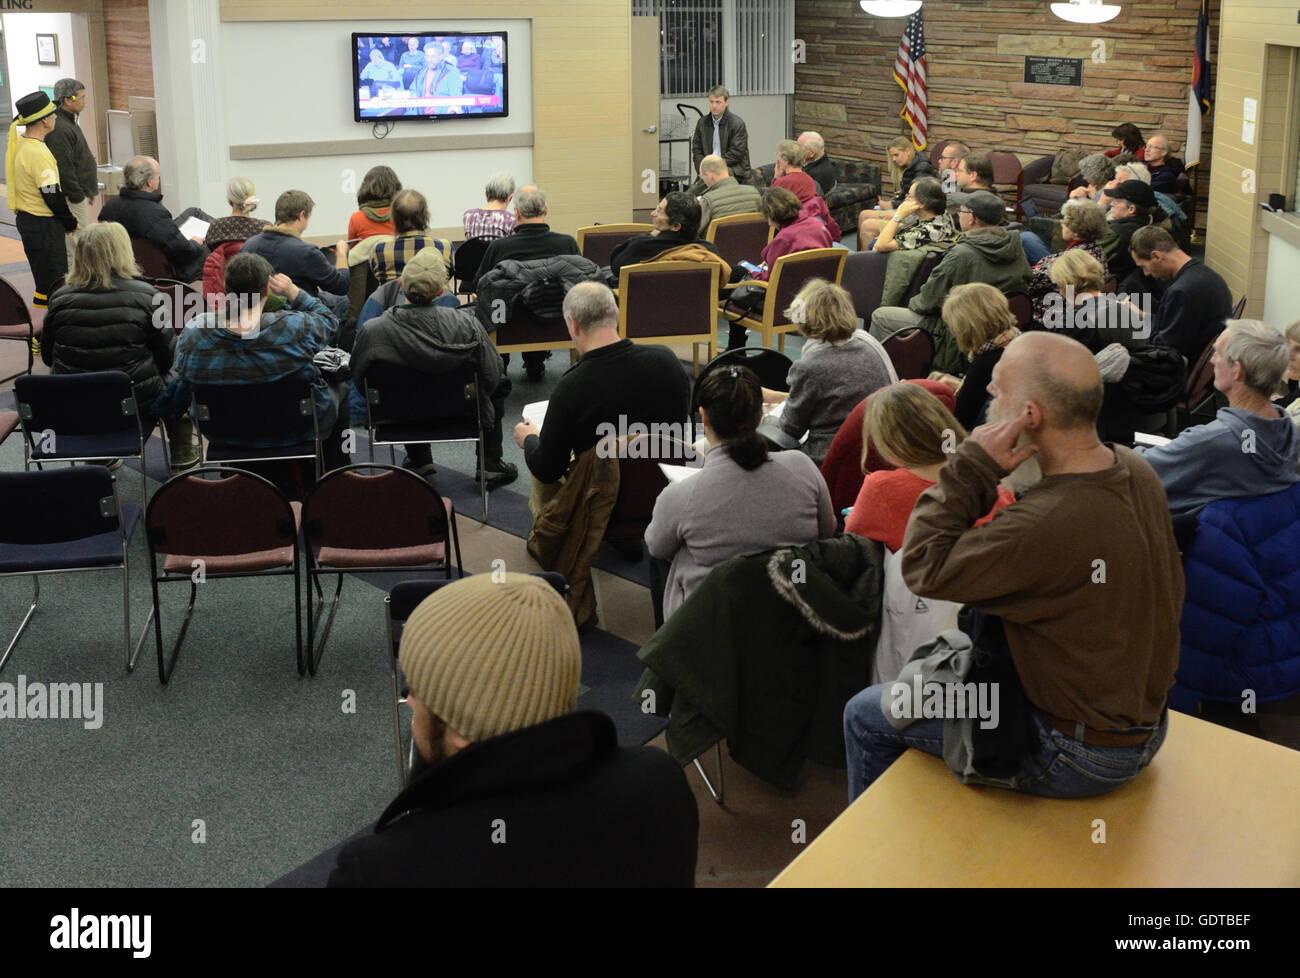 Überlauf Publikum bei Boulder City Council treffen. Menschen, die keinen Sitz im Ratssaal finden konnte sehen Stockbild